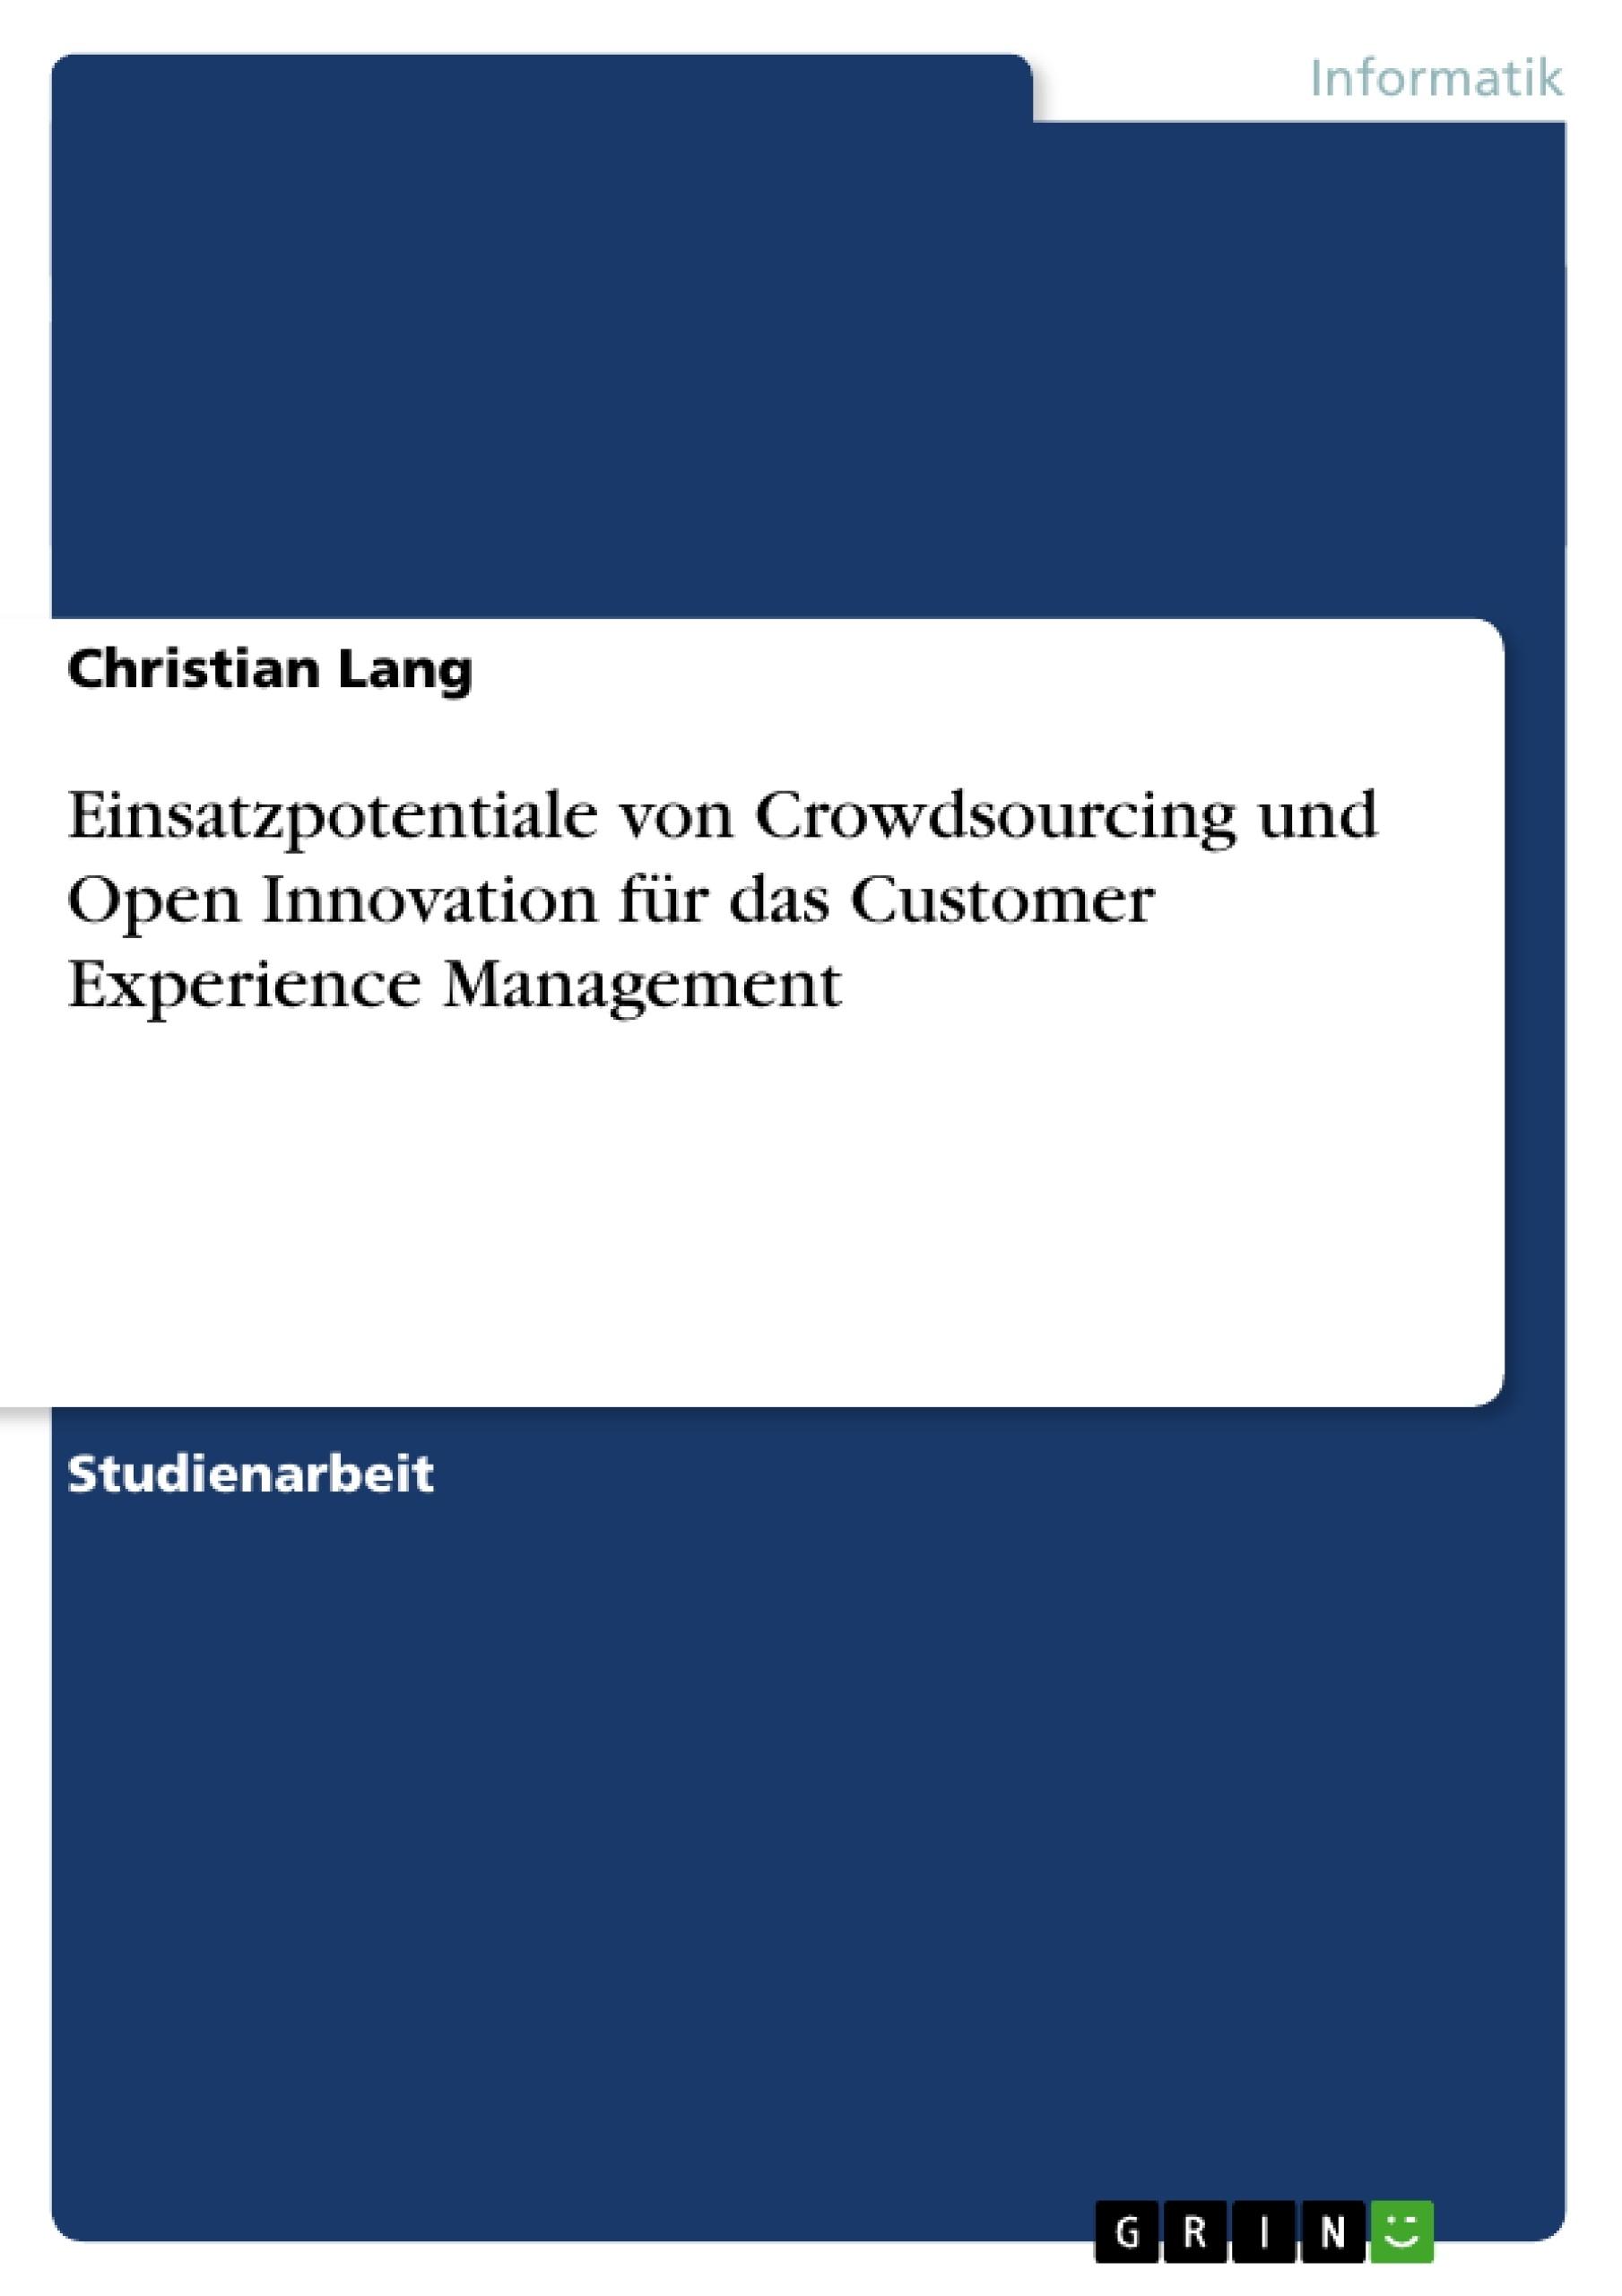 Titel: Einsatzpotentiale von Crowdsourcing und Open Innovation für das Customer Experience Management